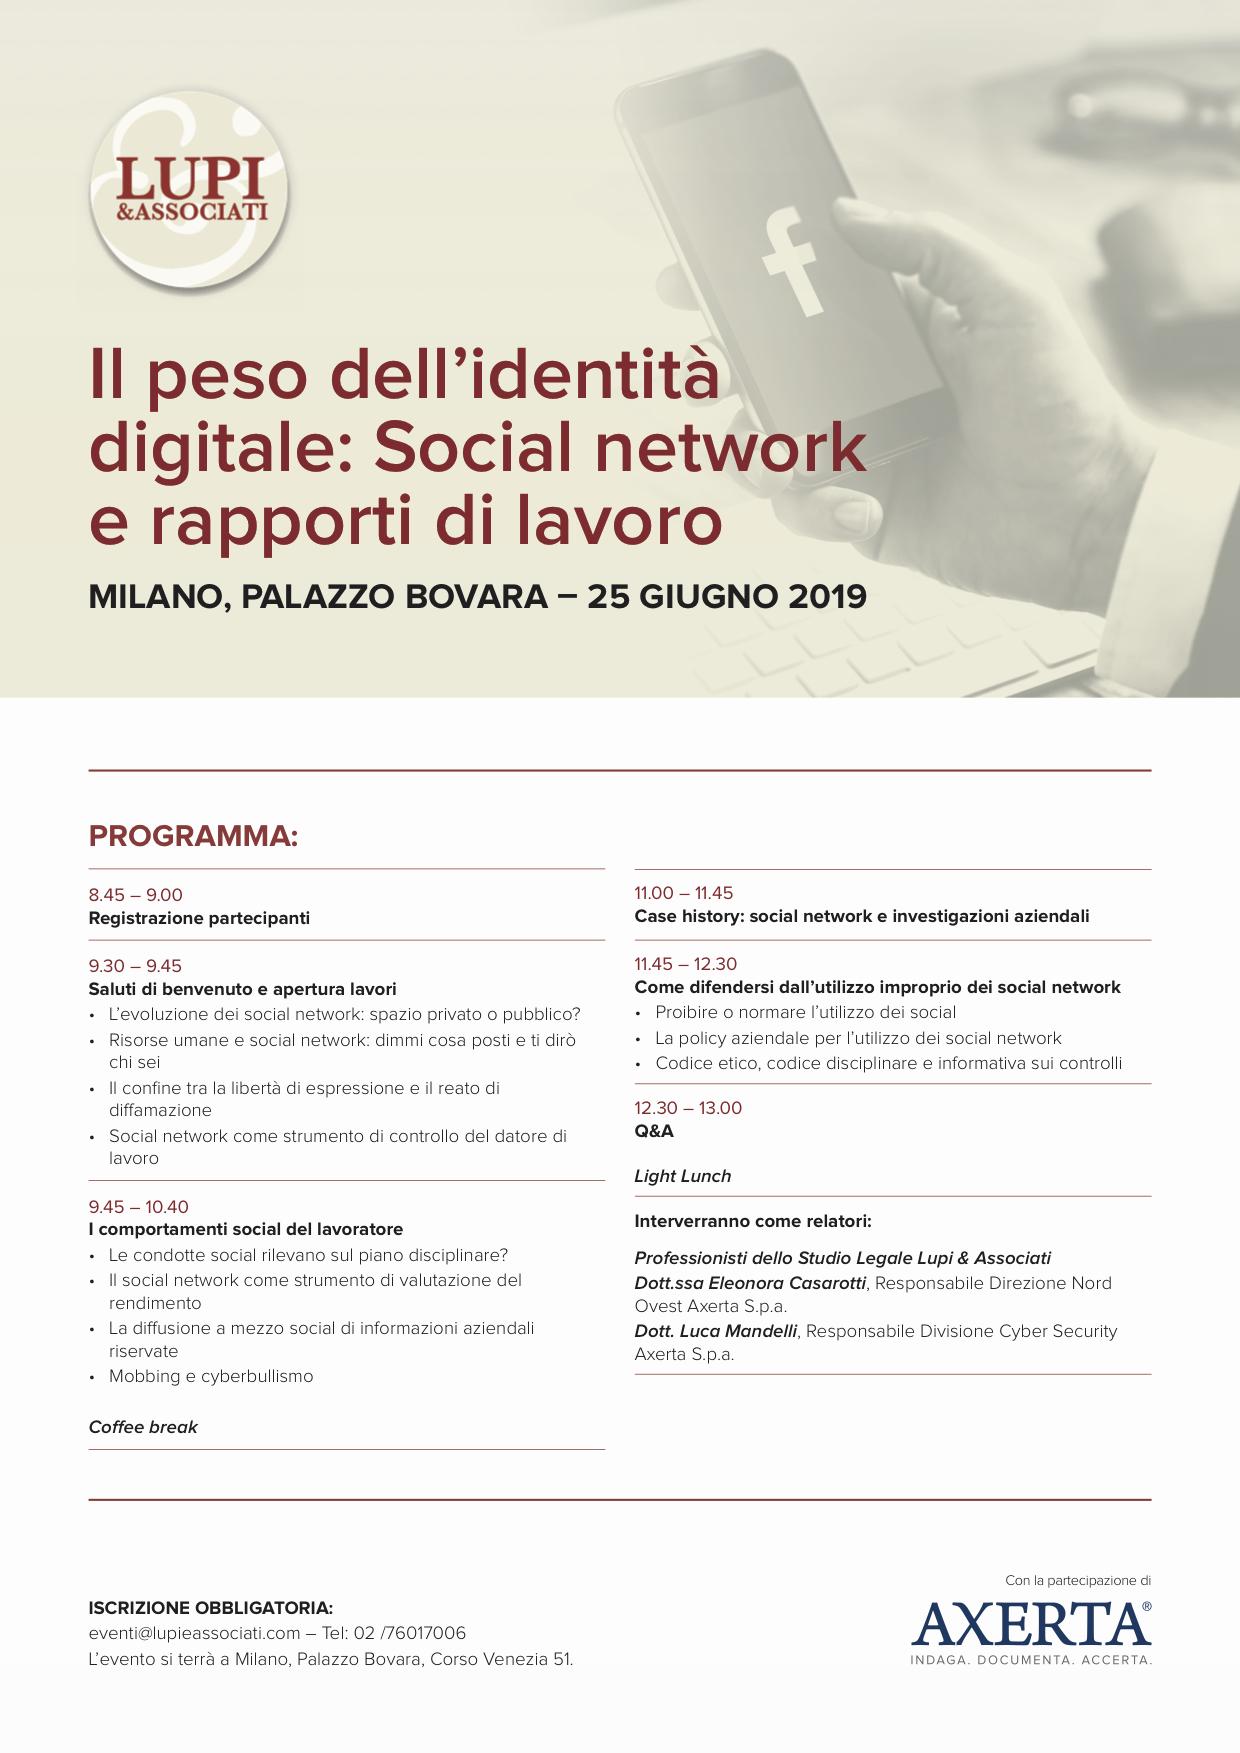 Social media e rapporti di lavoro workshop lupi 25 giugno